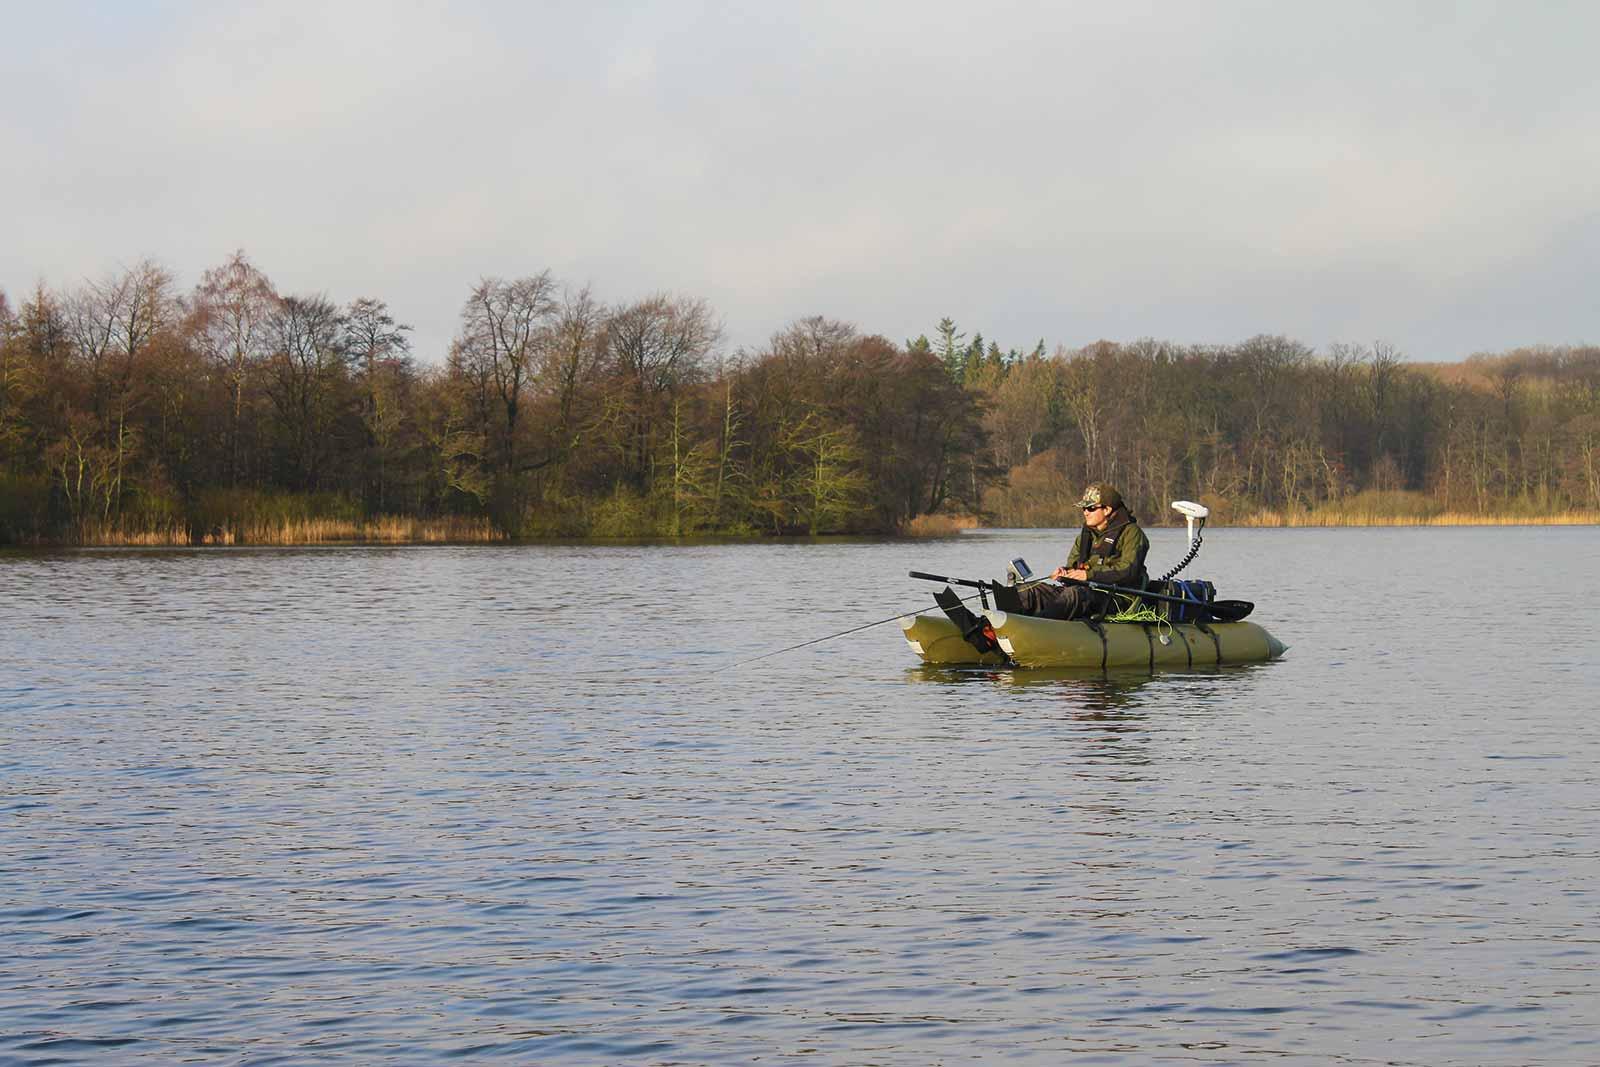 Pontonbåd designet til den ultimative fiskemaskine - til søfiskeri, predatorfiskeri, kysten og fluestangen